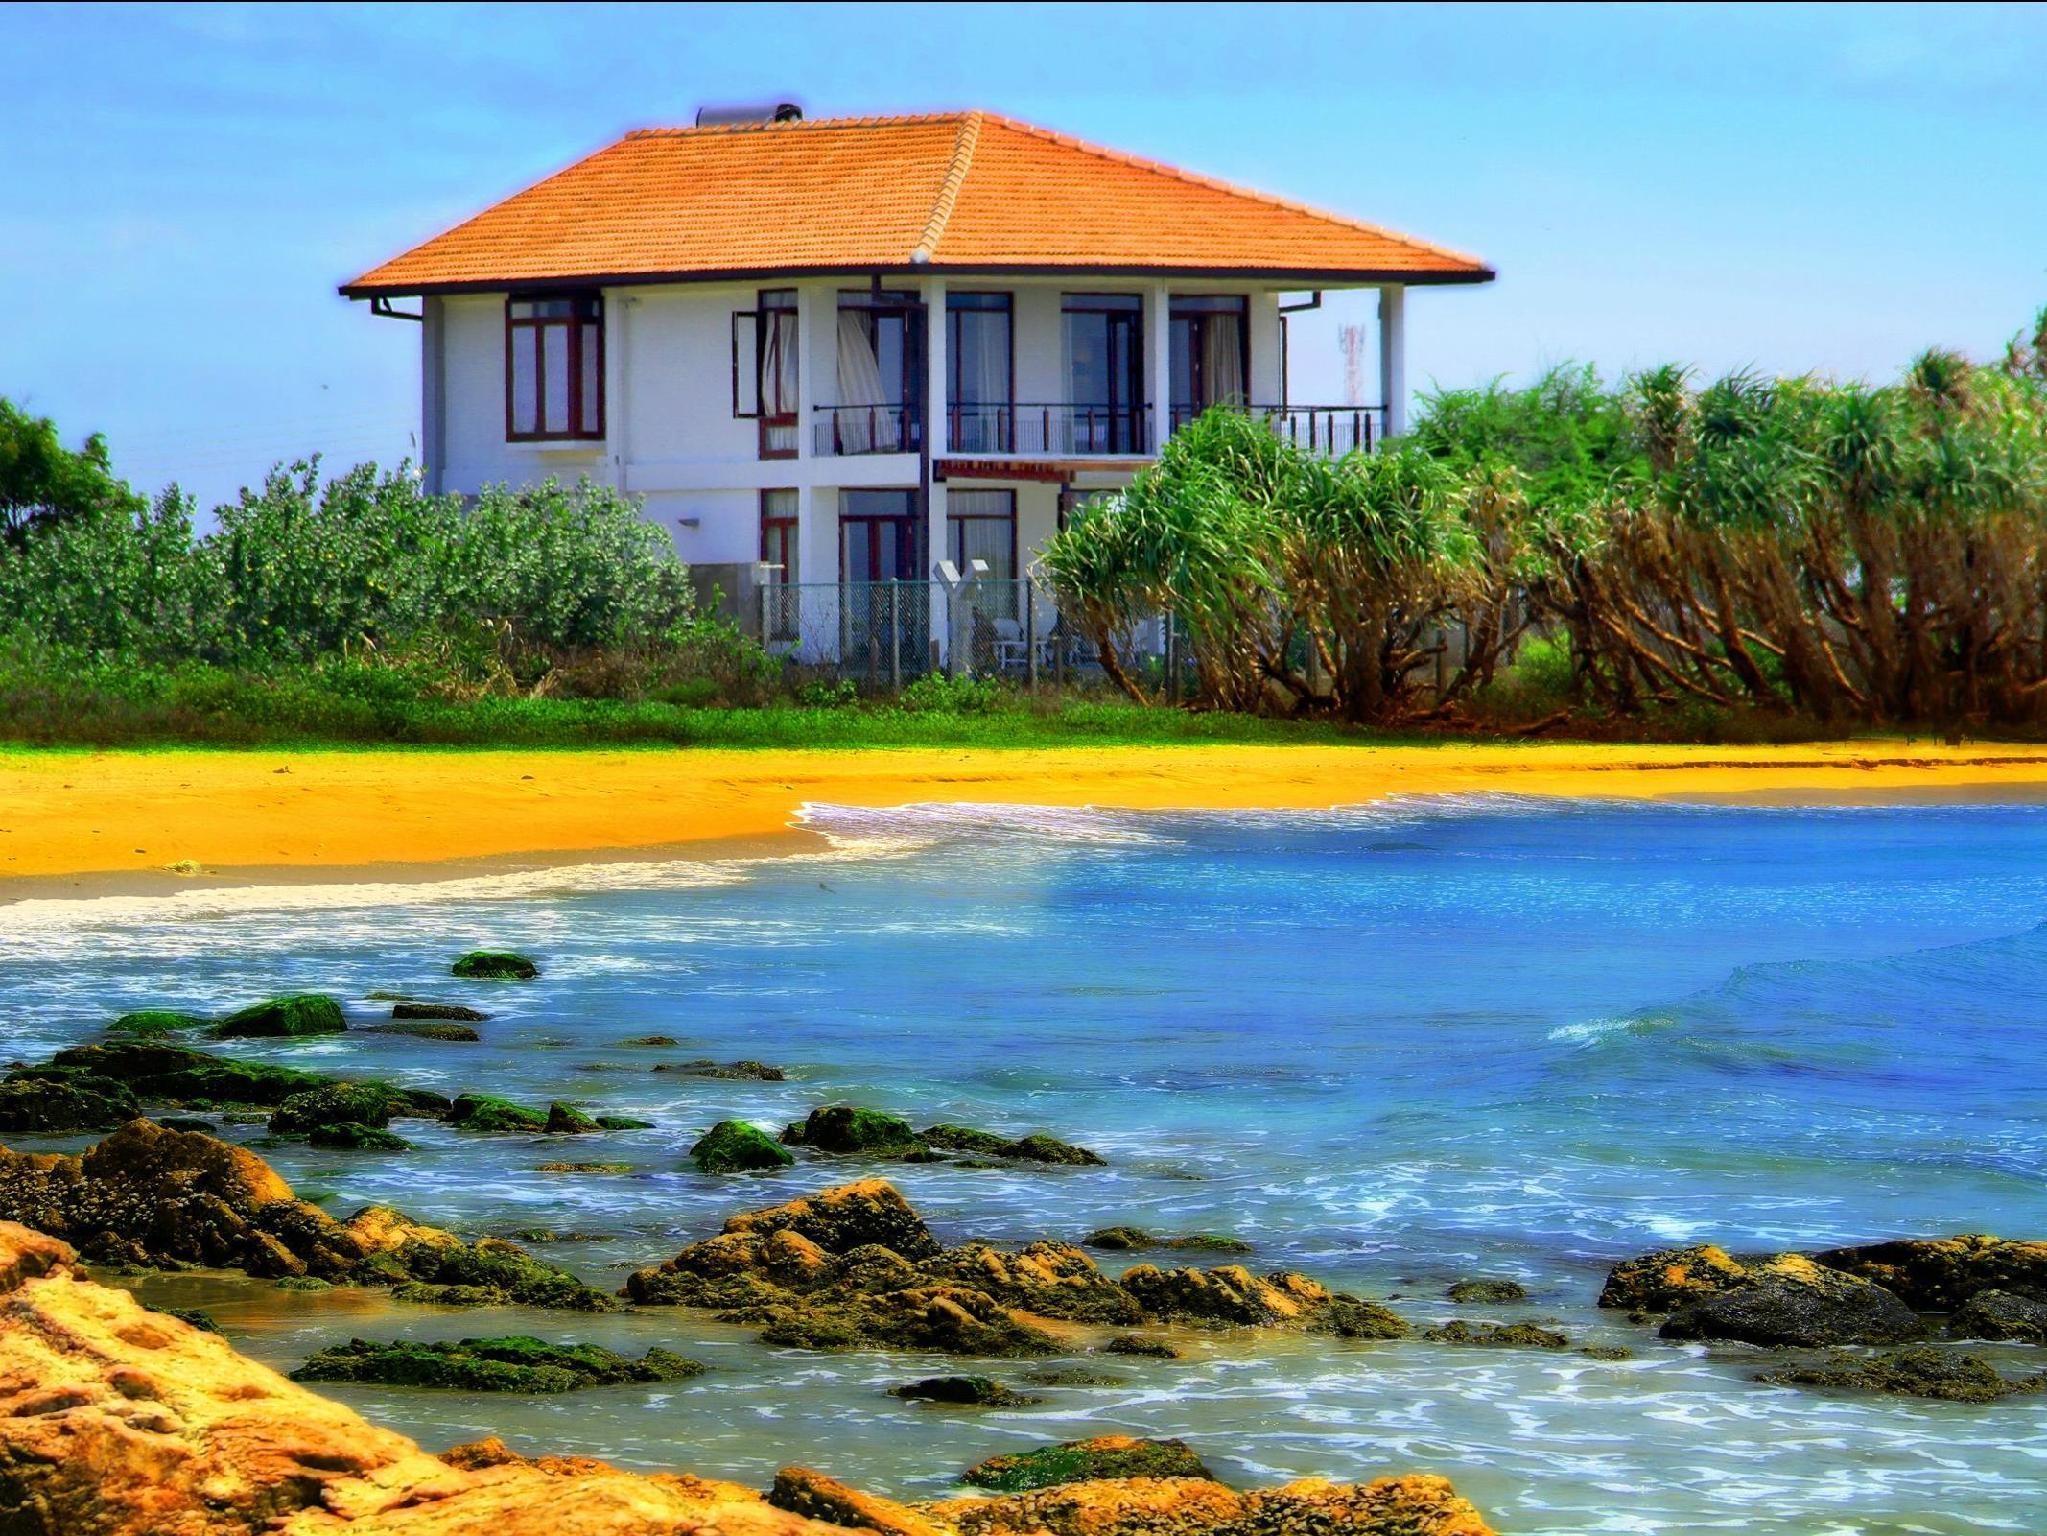 Nilaveli Bay Villa Trincomalee (Entire Villa) - Hotels and Accommodation in Sri Lanka, Asia